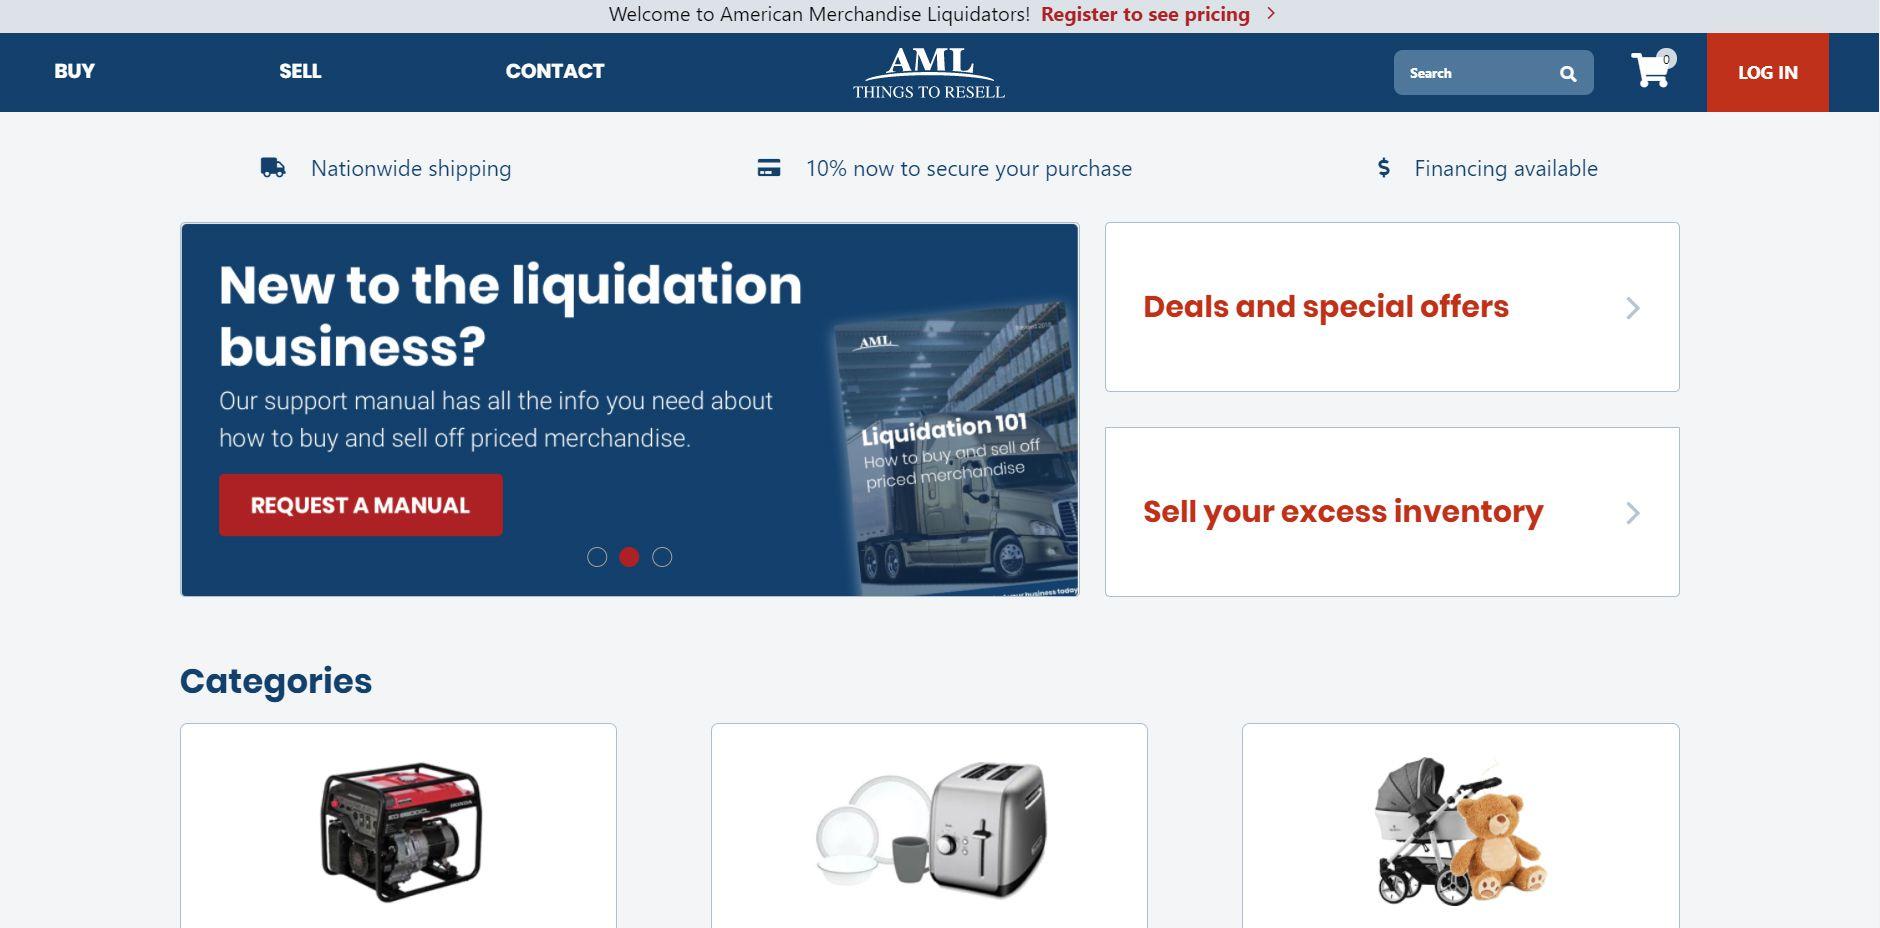 The American Merchandise Liquidators website